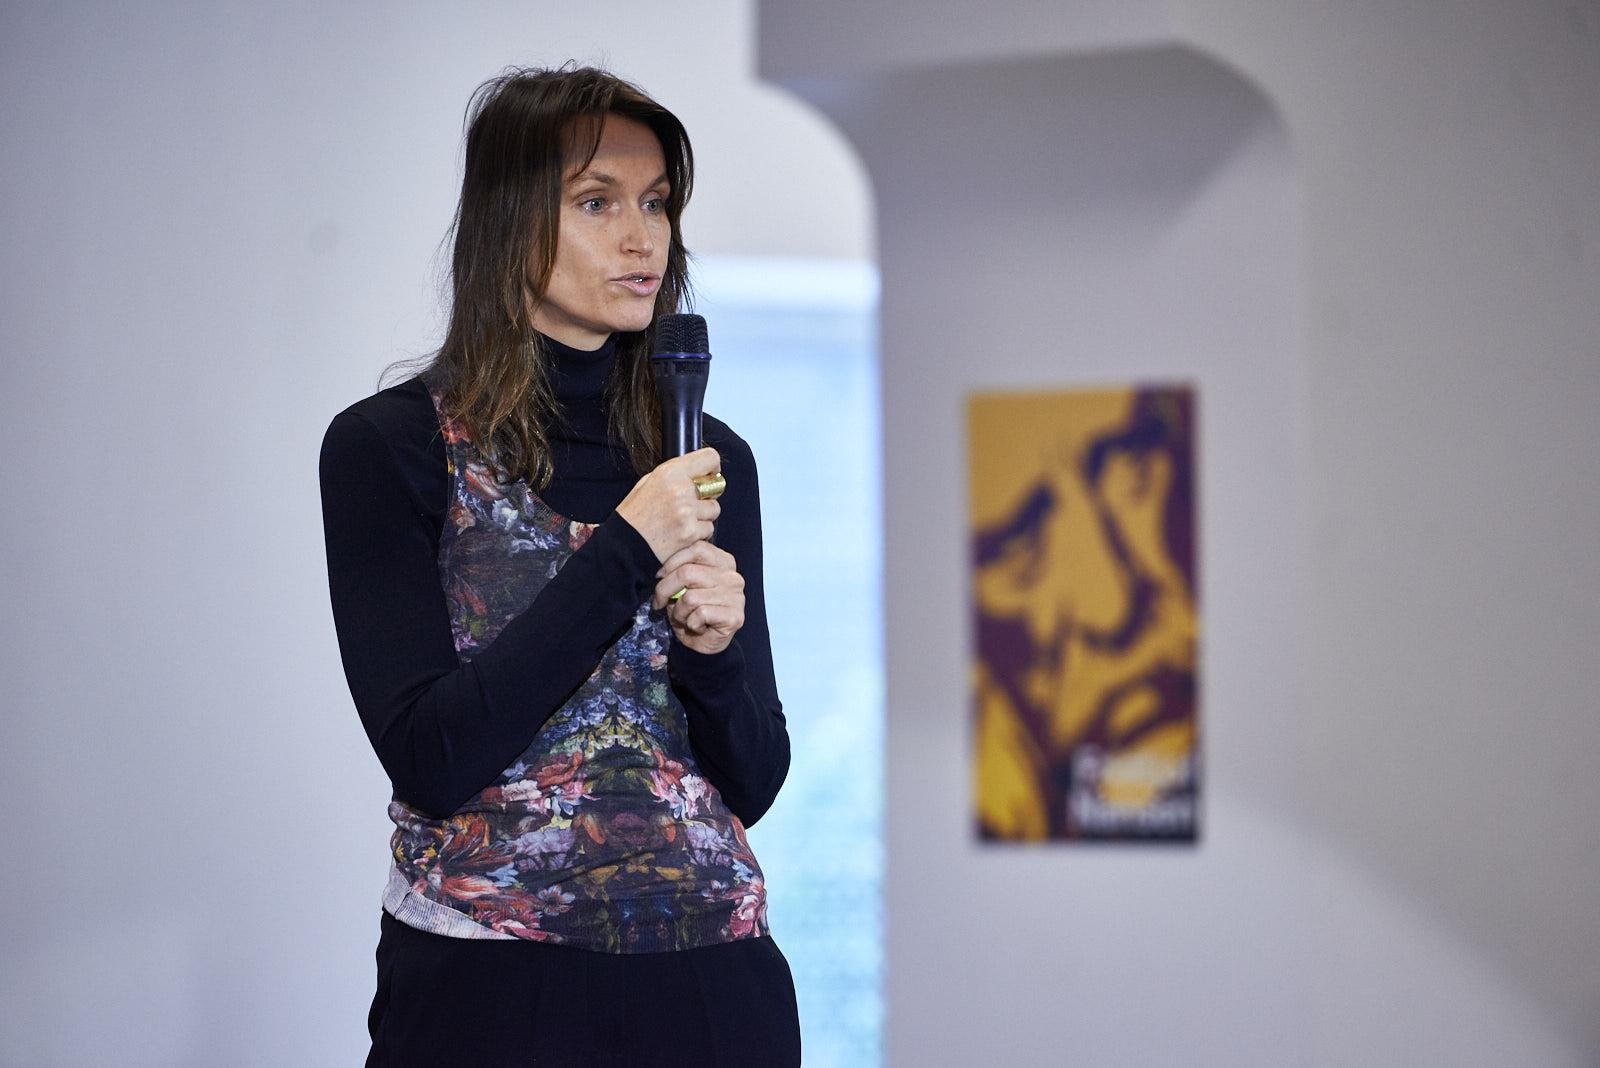 l'intervento di Anne de Carbuccia, artista ambientale, protagonista e autrice del documentario One Ocean